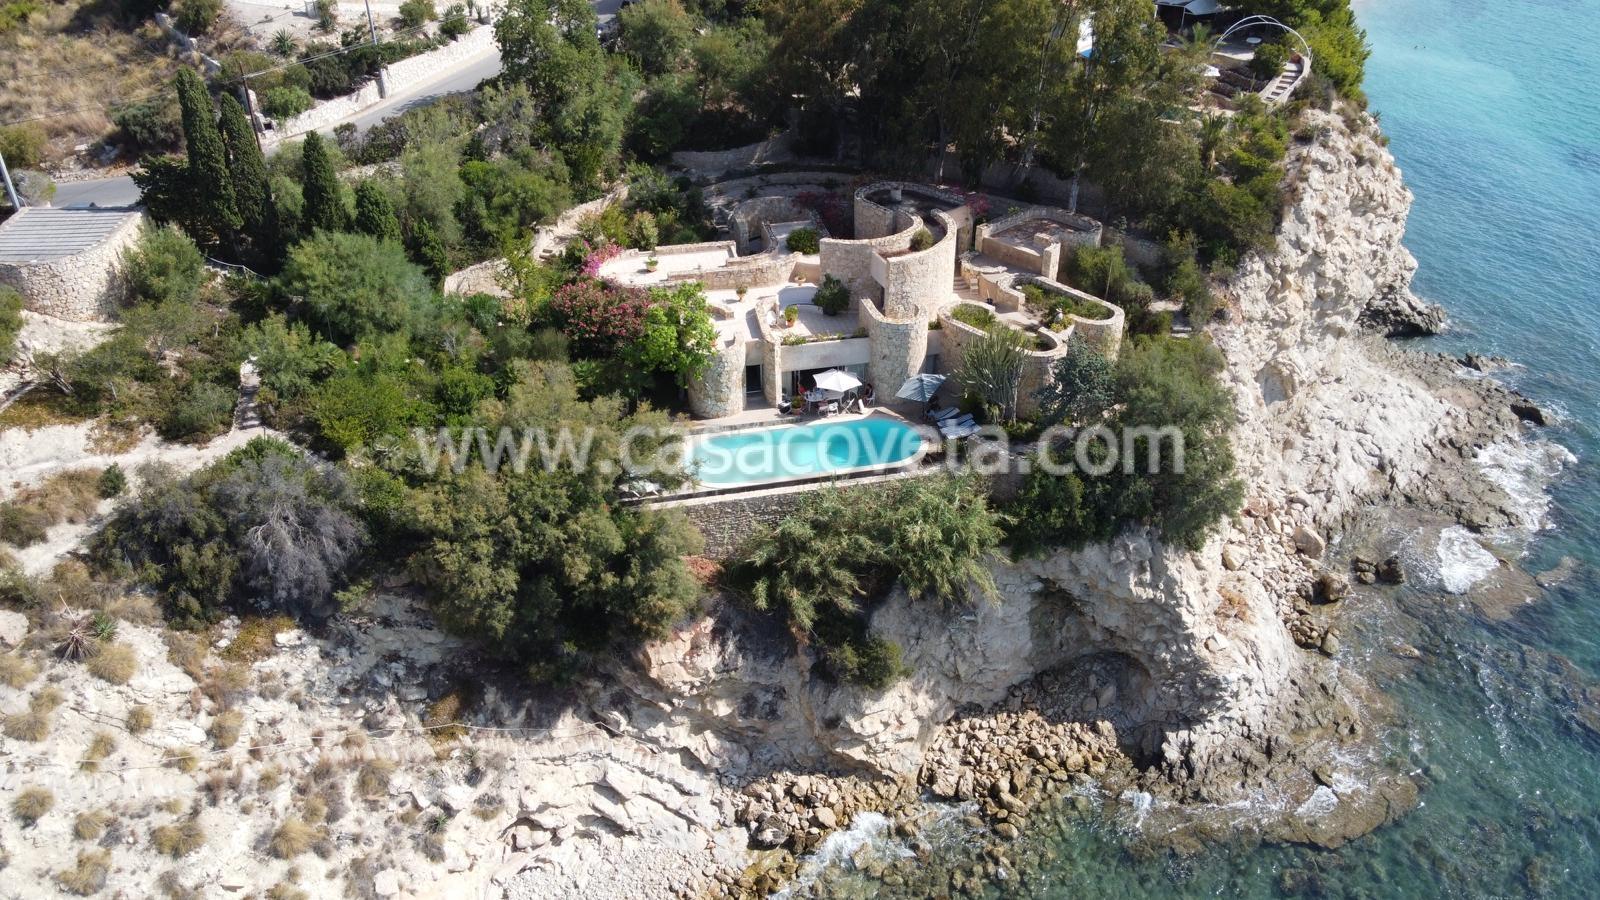 Schöne Villa aus Naturstein auf einem schönen großen Grundstück mit Pool mit Blick auf das Mittelmeer Ref. 531